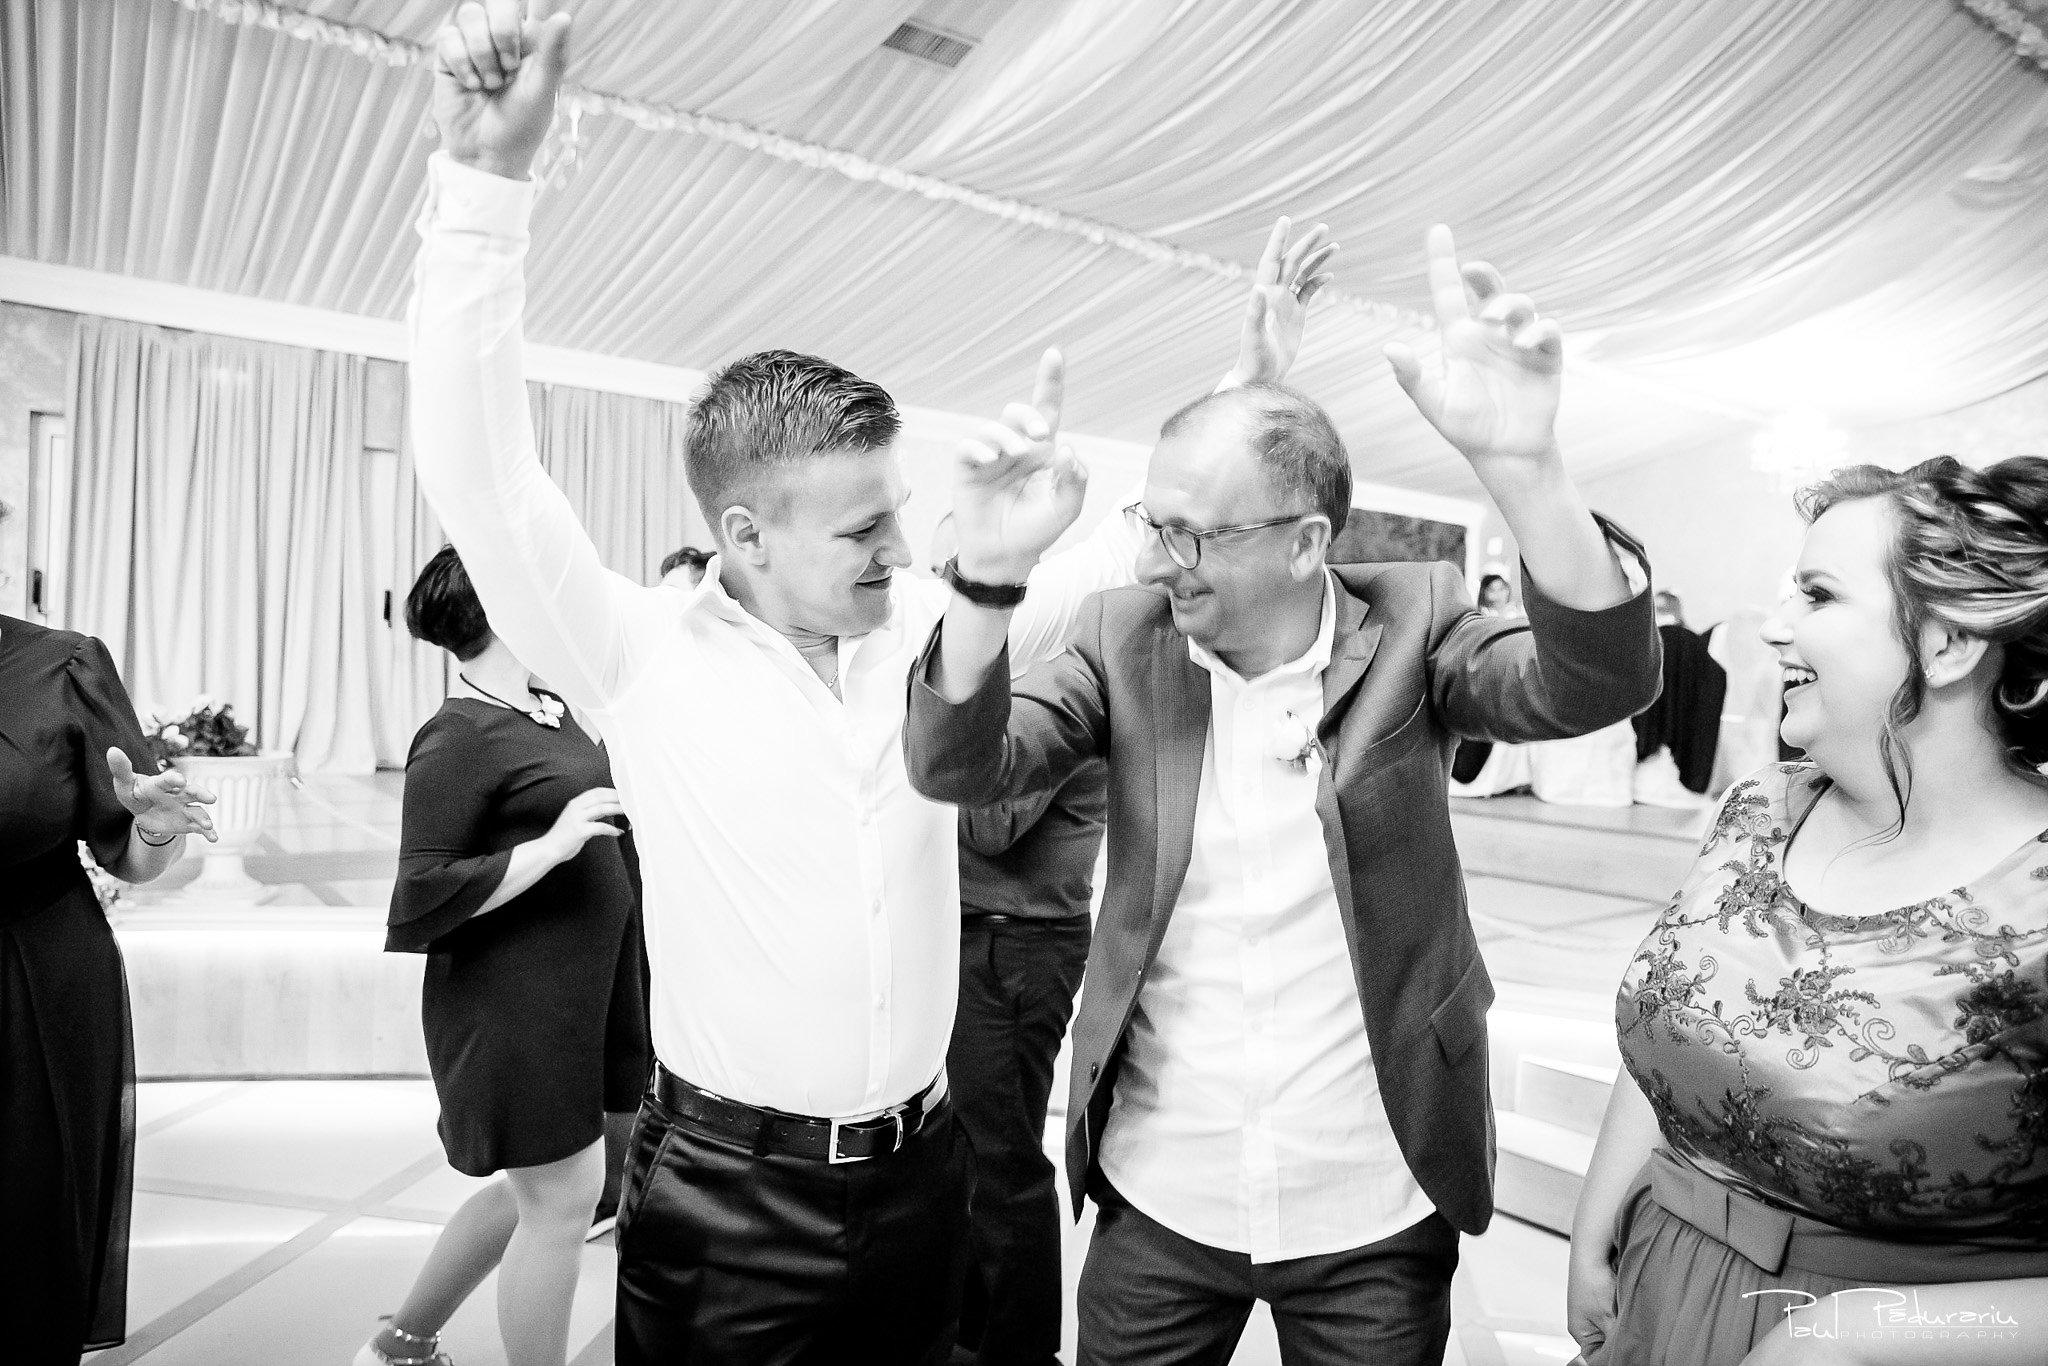 Nunta la Castel Iasi Ana-Maria si Marius fotograf profesionistwww.paulpadurariu.ro © 2018 Paul Padurariu 11